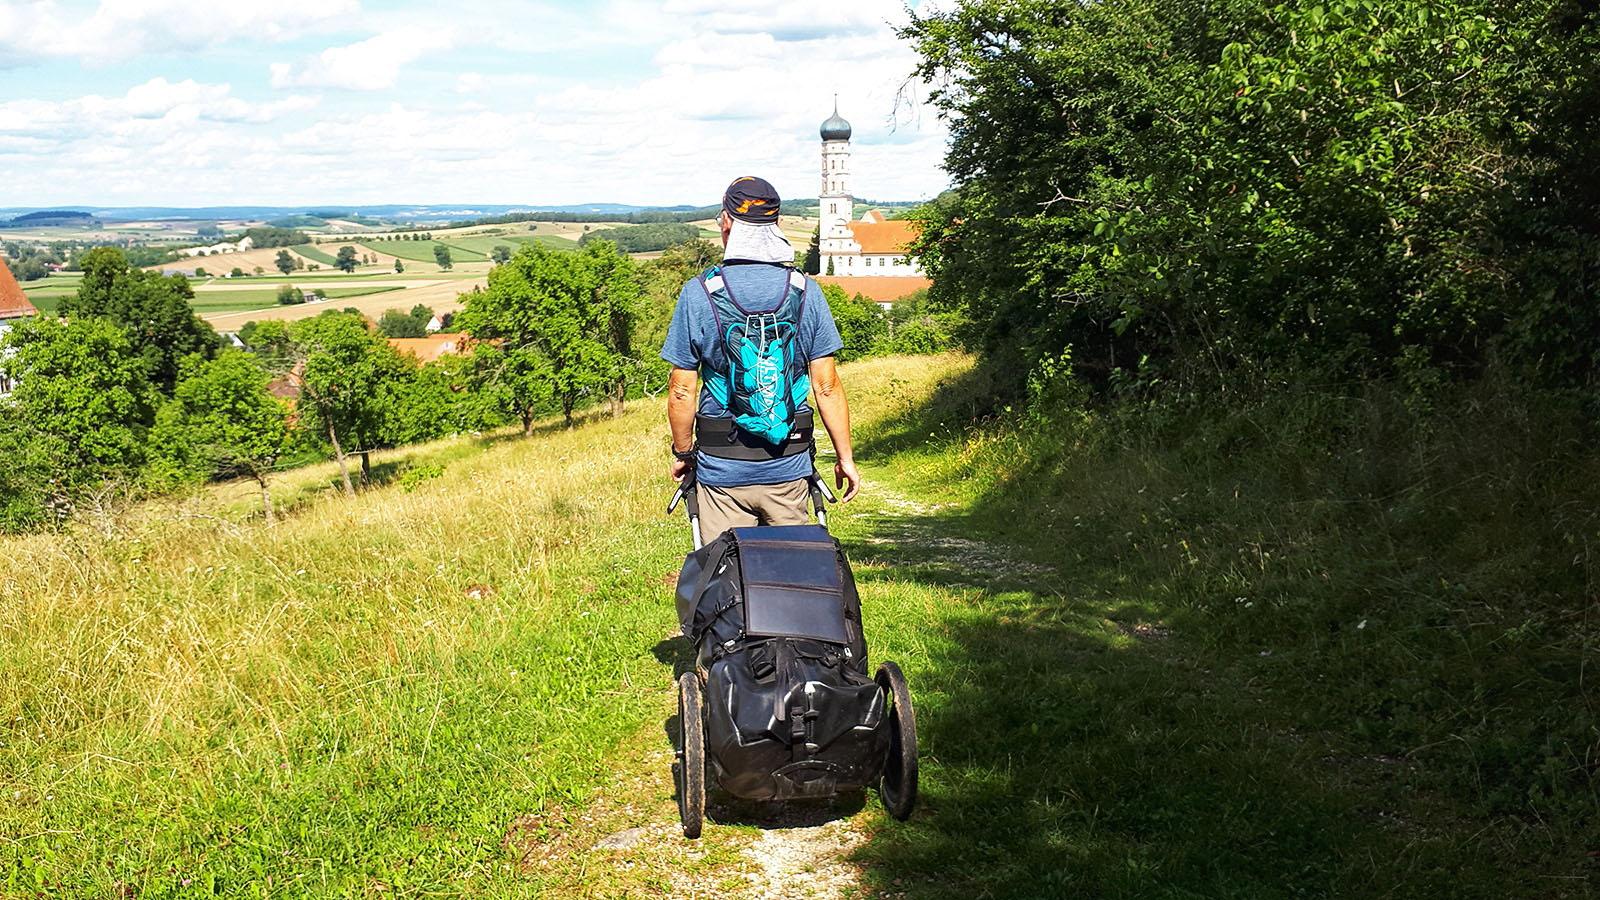 Mit dem Pilgerwagen unterwegs auf dem Weitwanderweg Romantische Straße